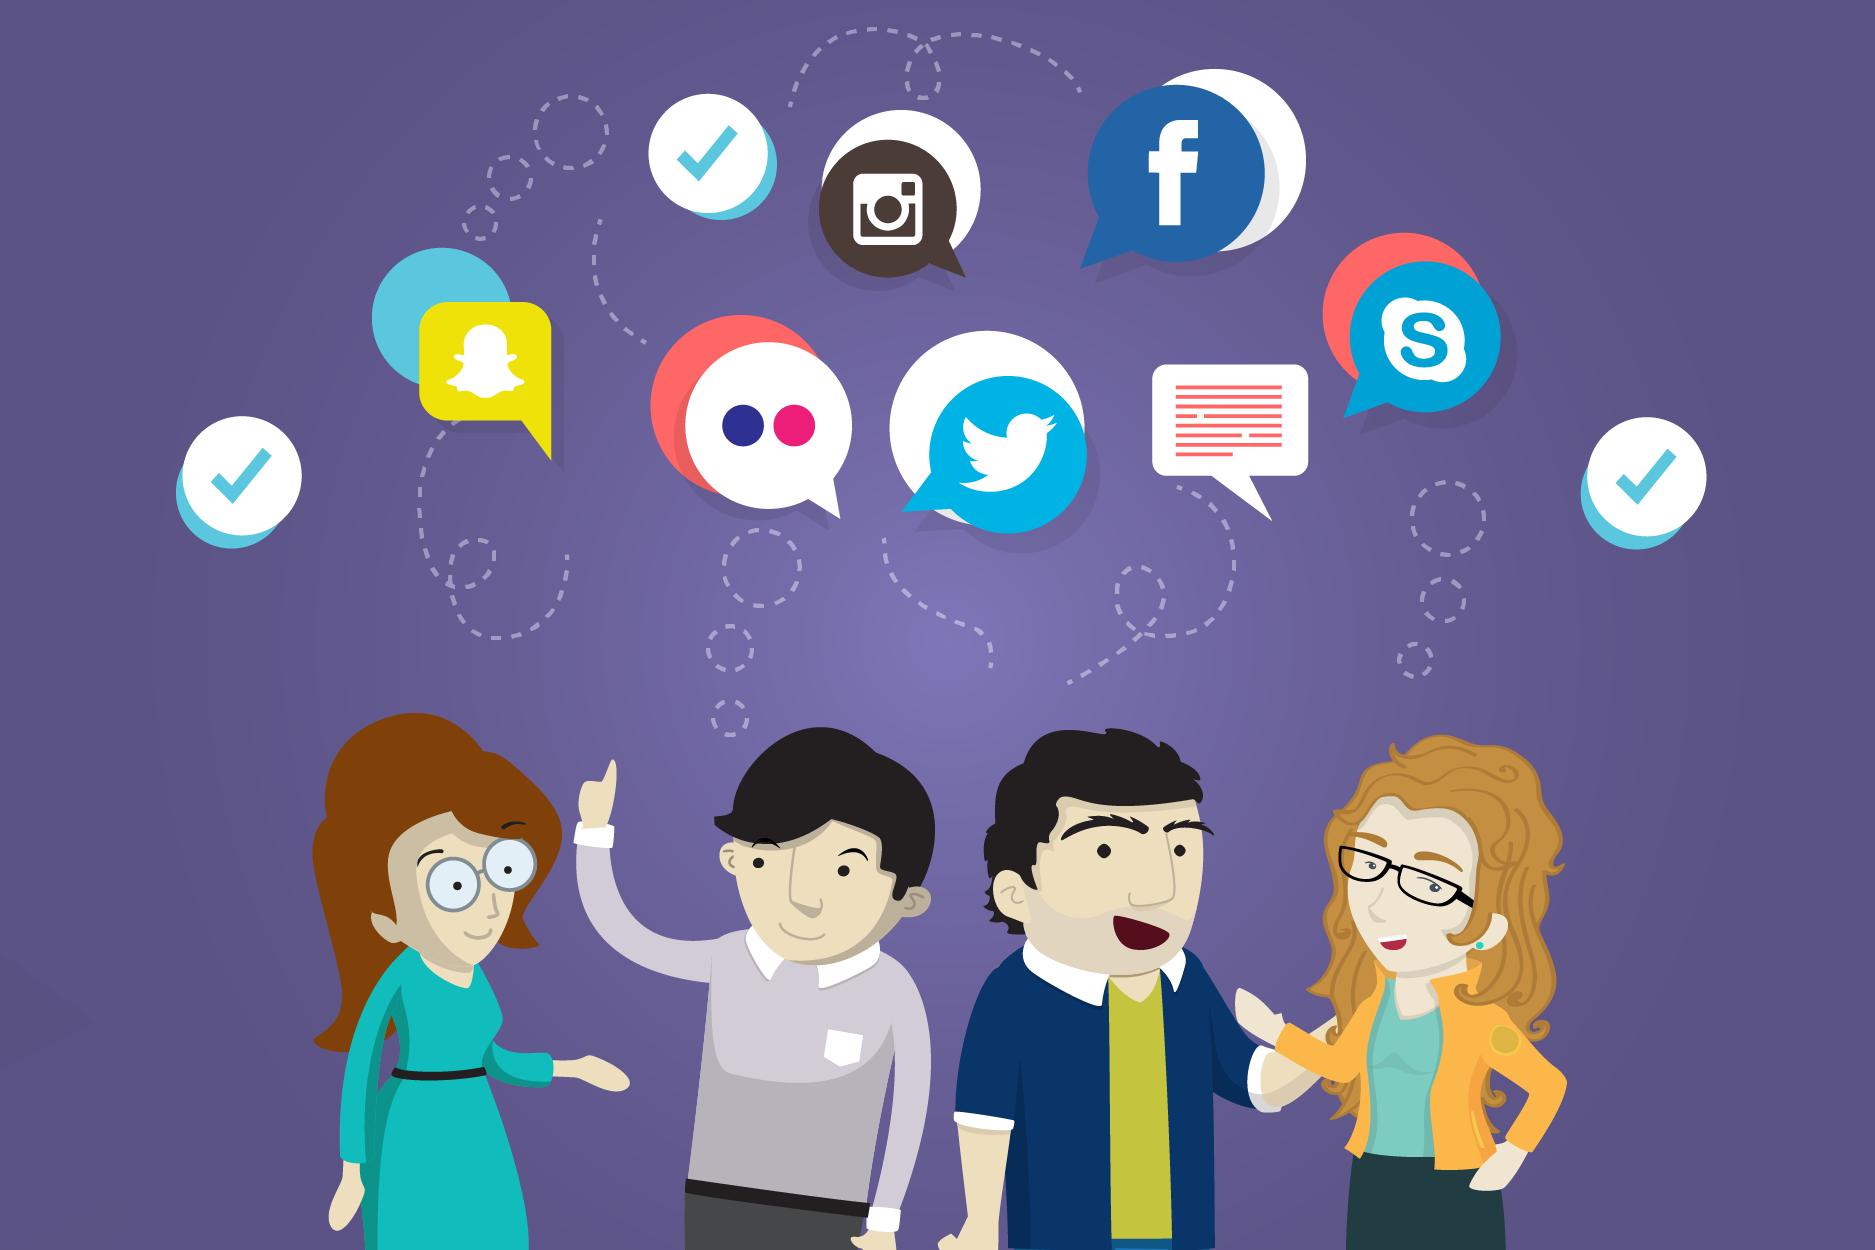 Toma todas las medidas necesarias para protegerte en redes sociales.